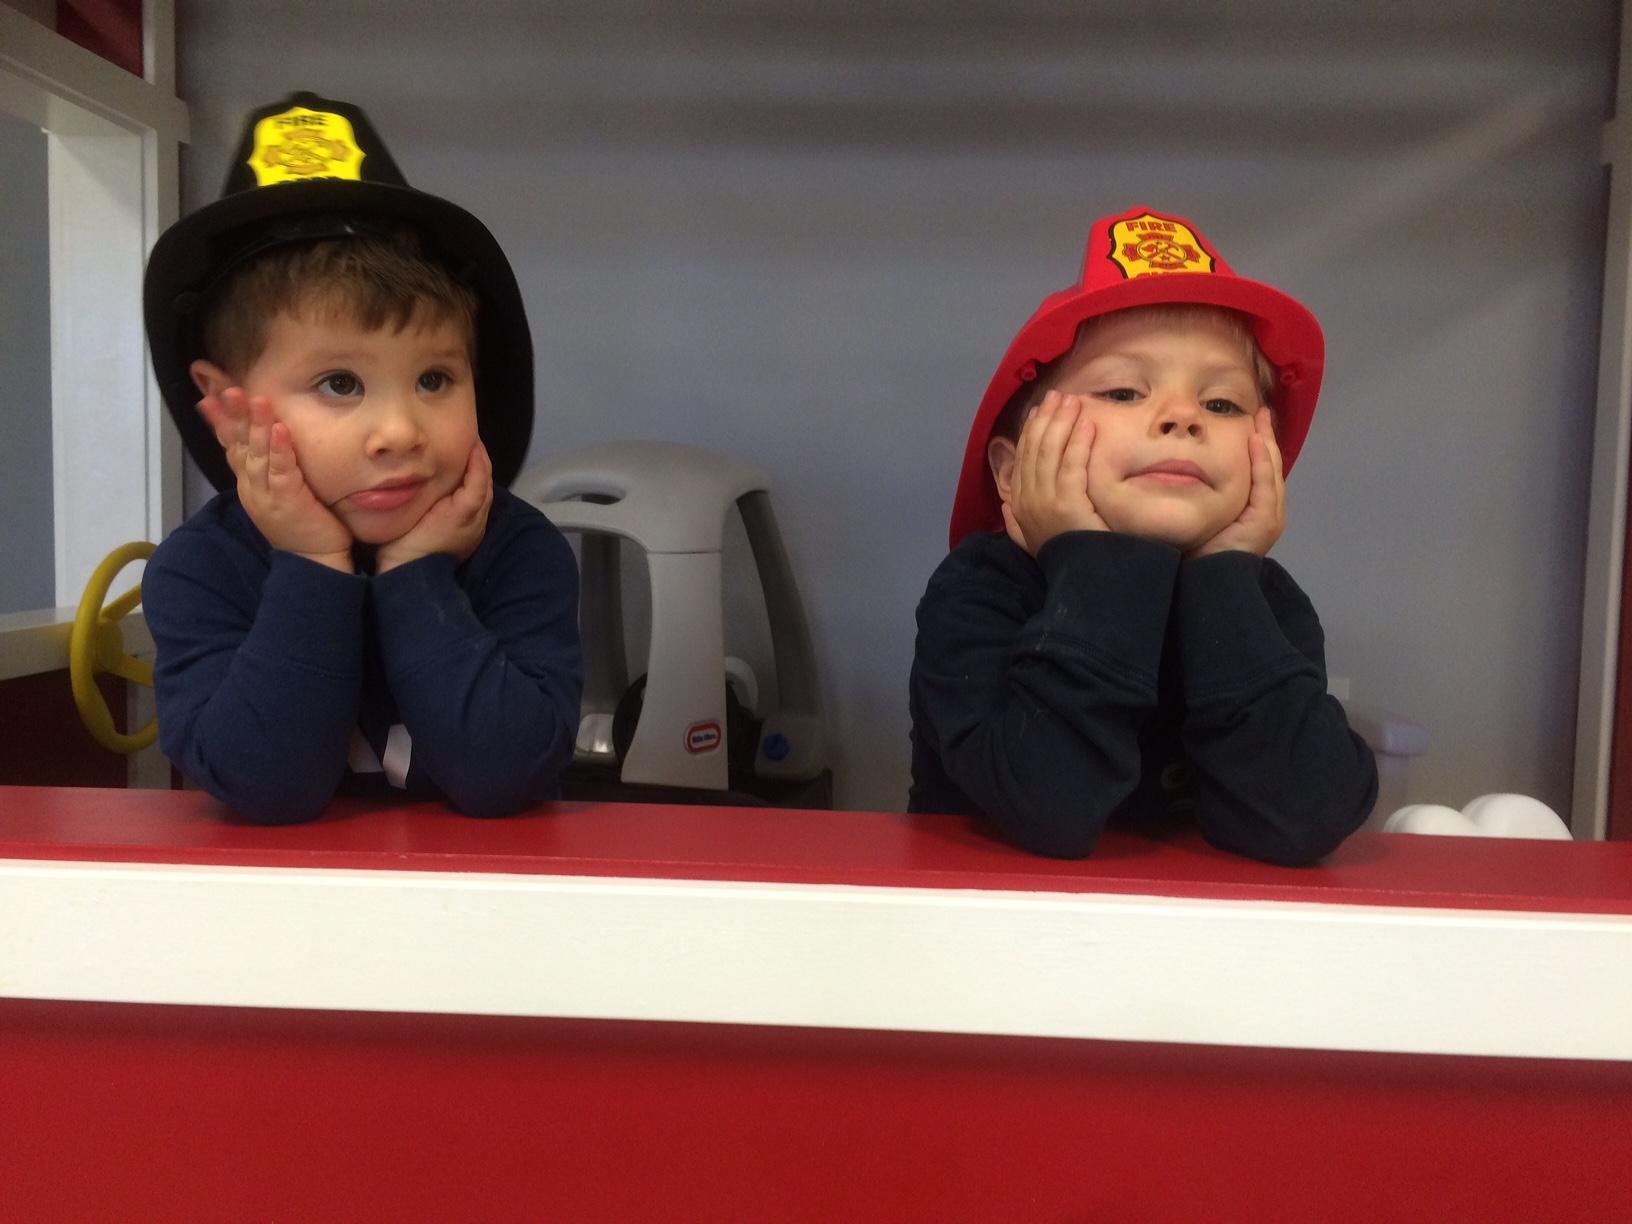 Kiddie City Fire Truck